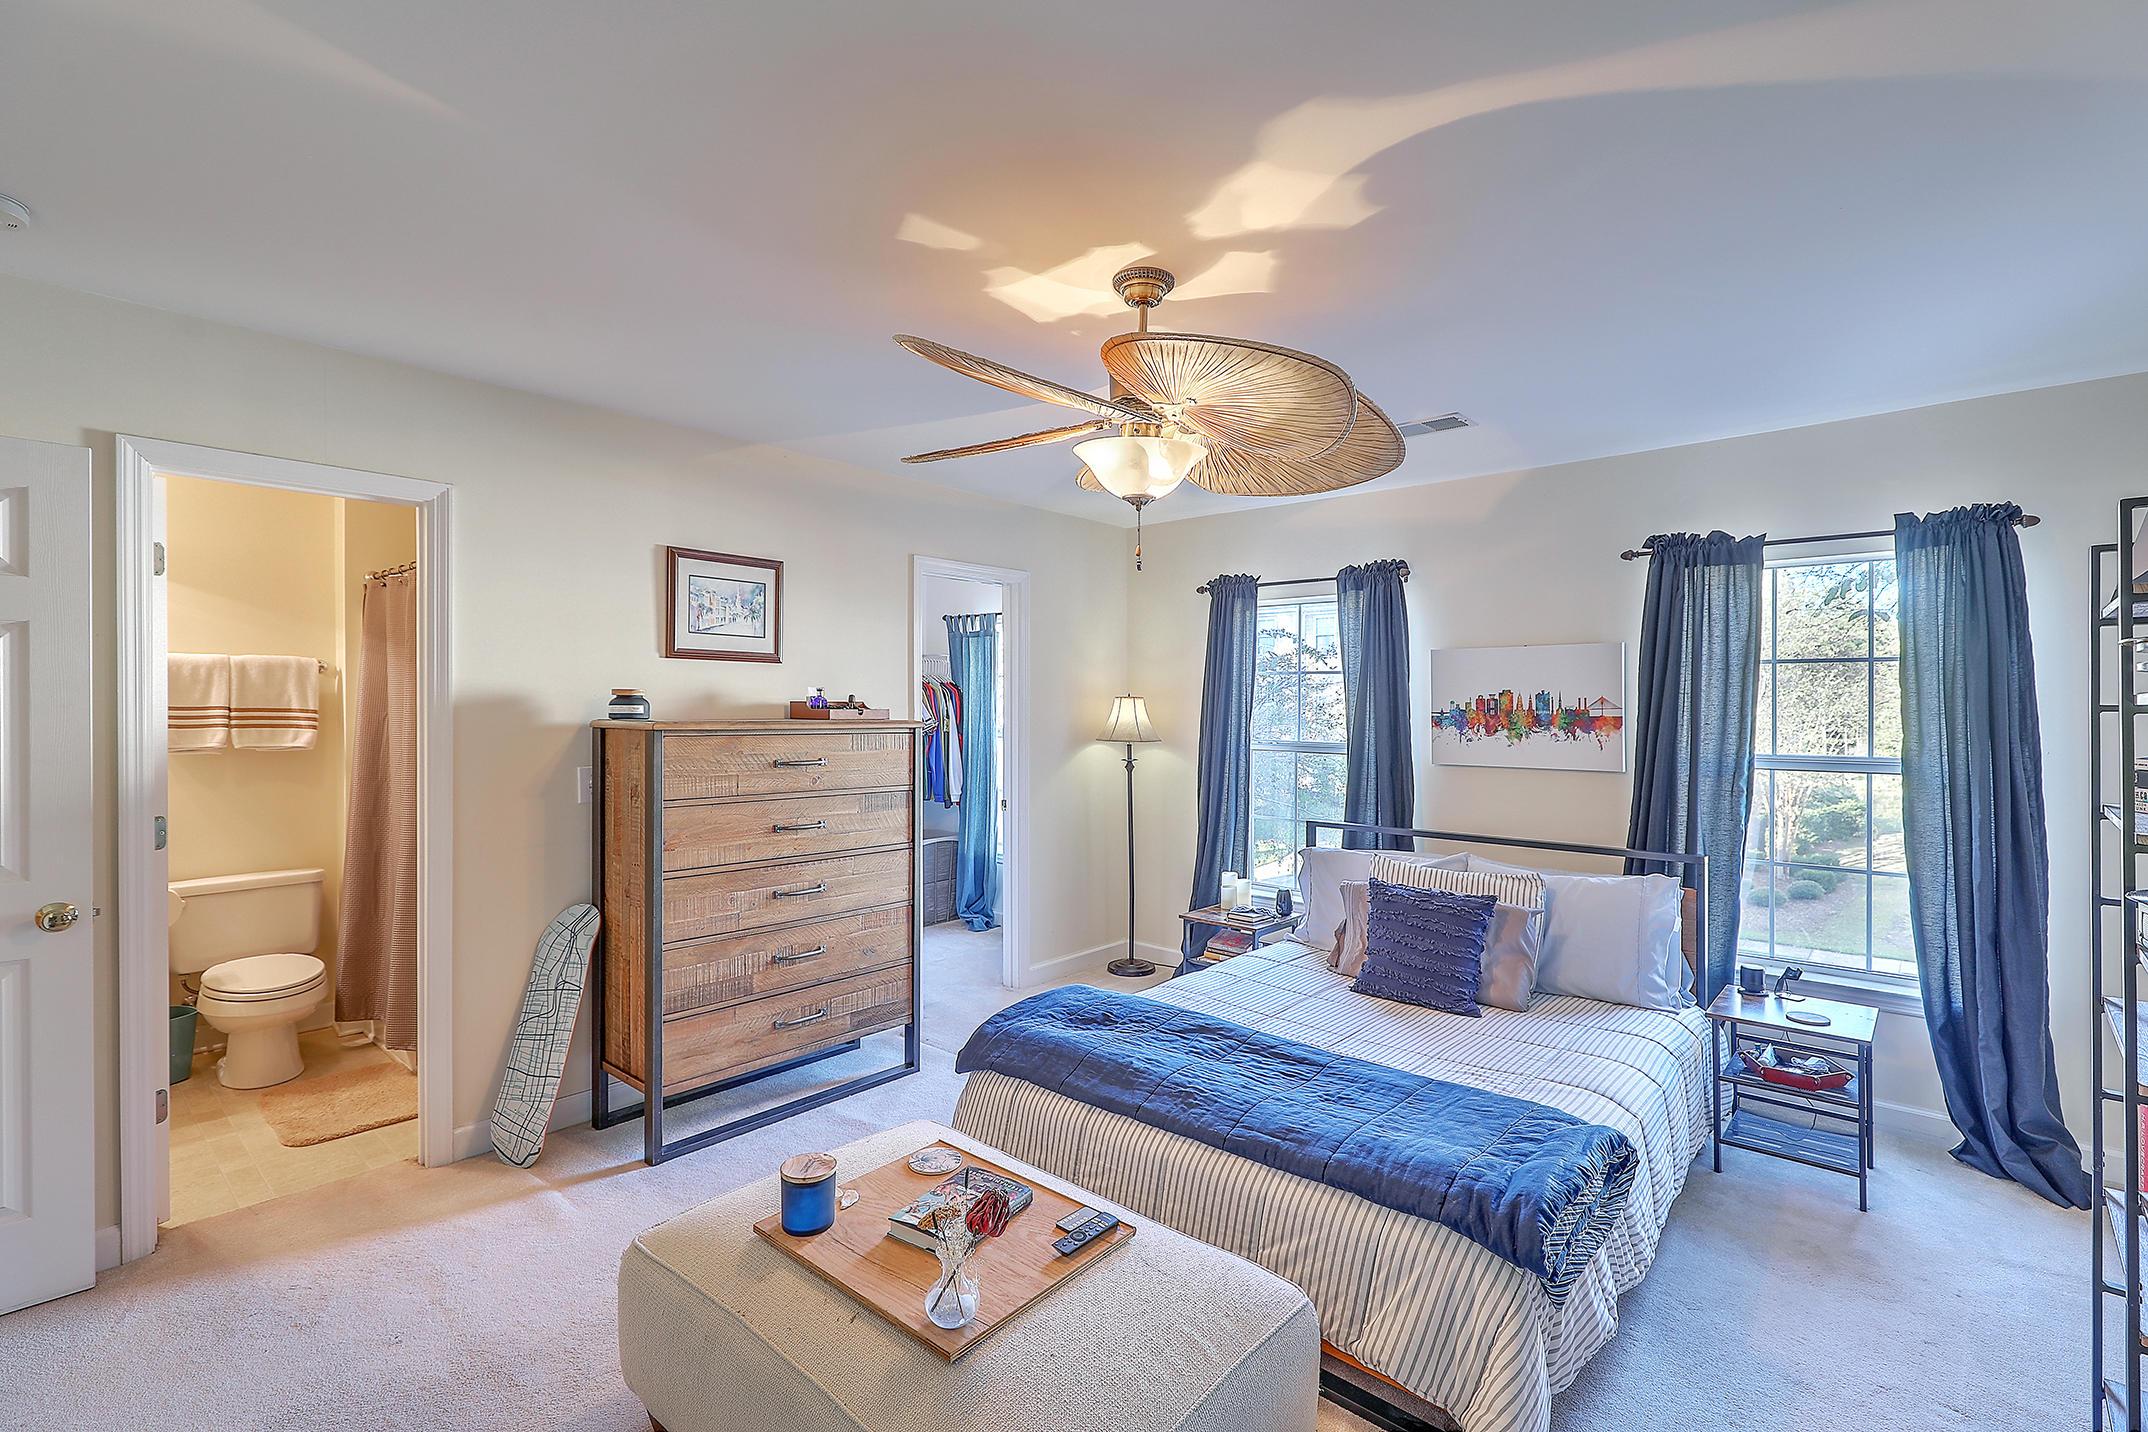 Dunes West Homes For Sale - 163 Fair Sailing, Mount Pleasant, SC - 48